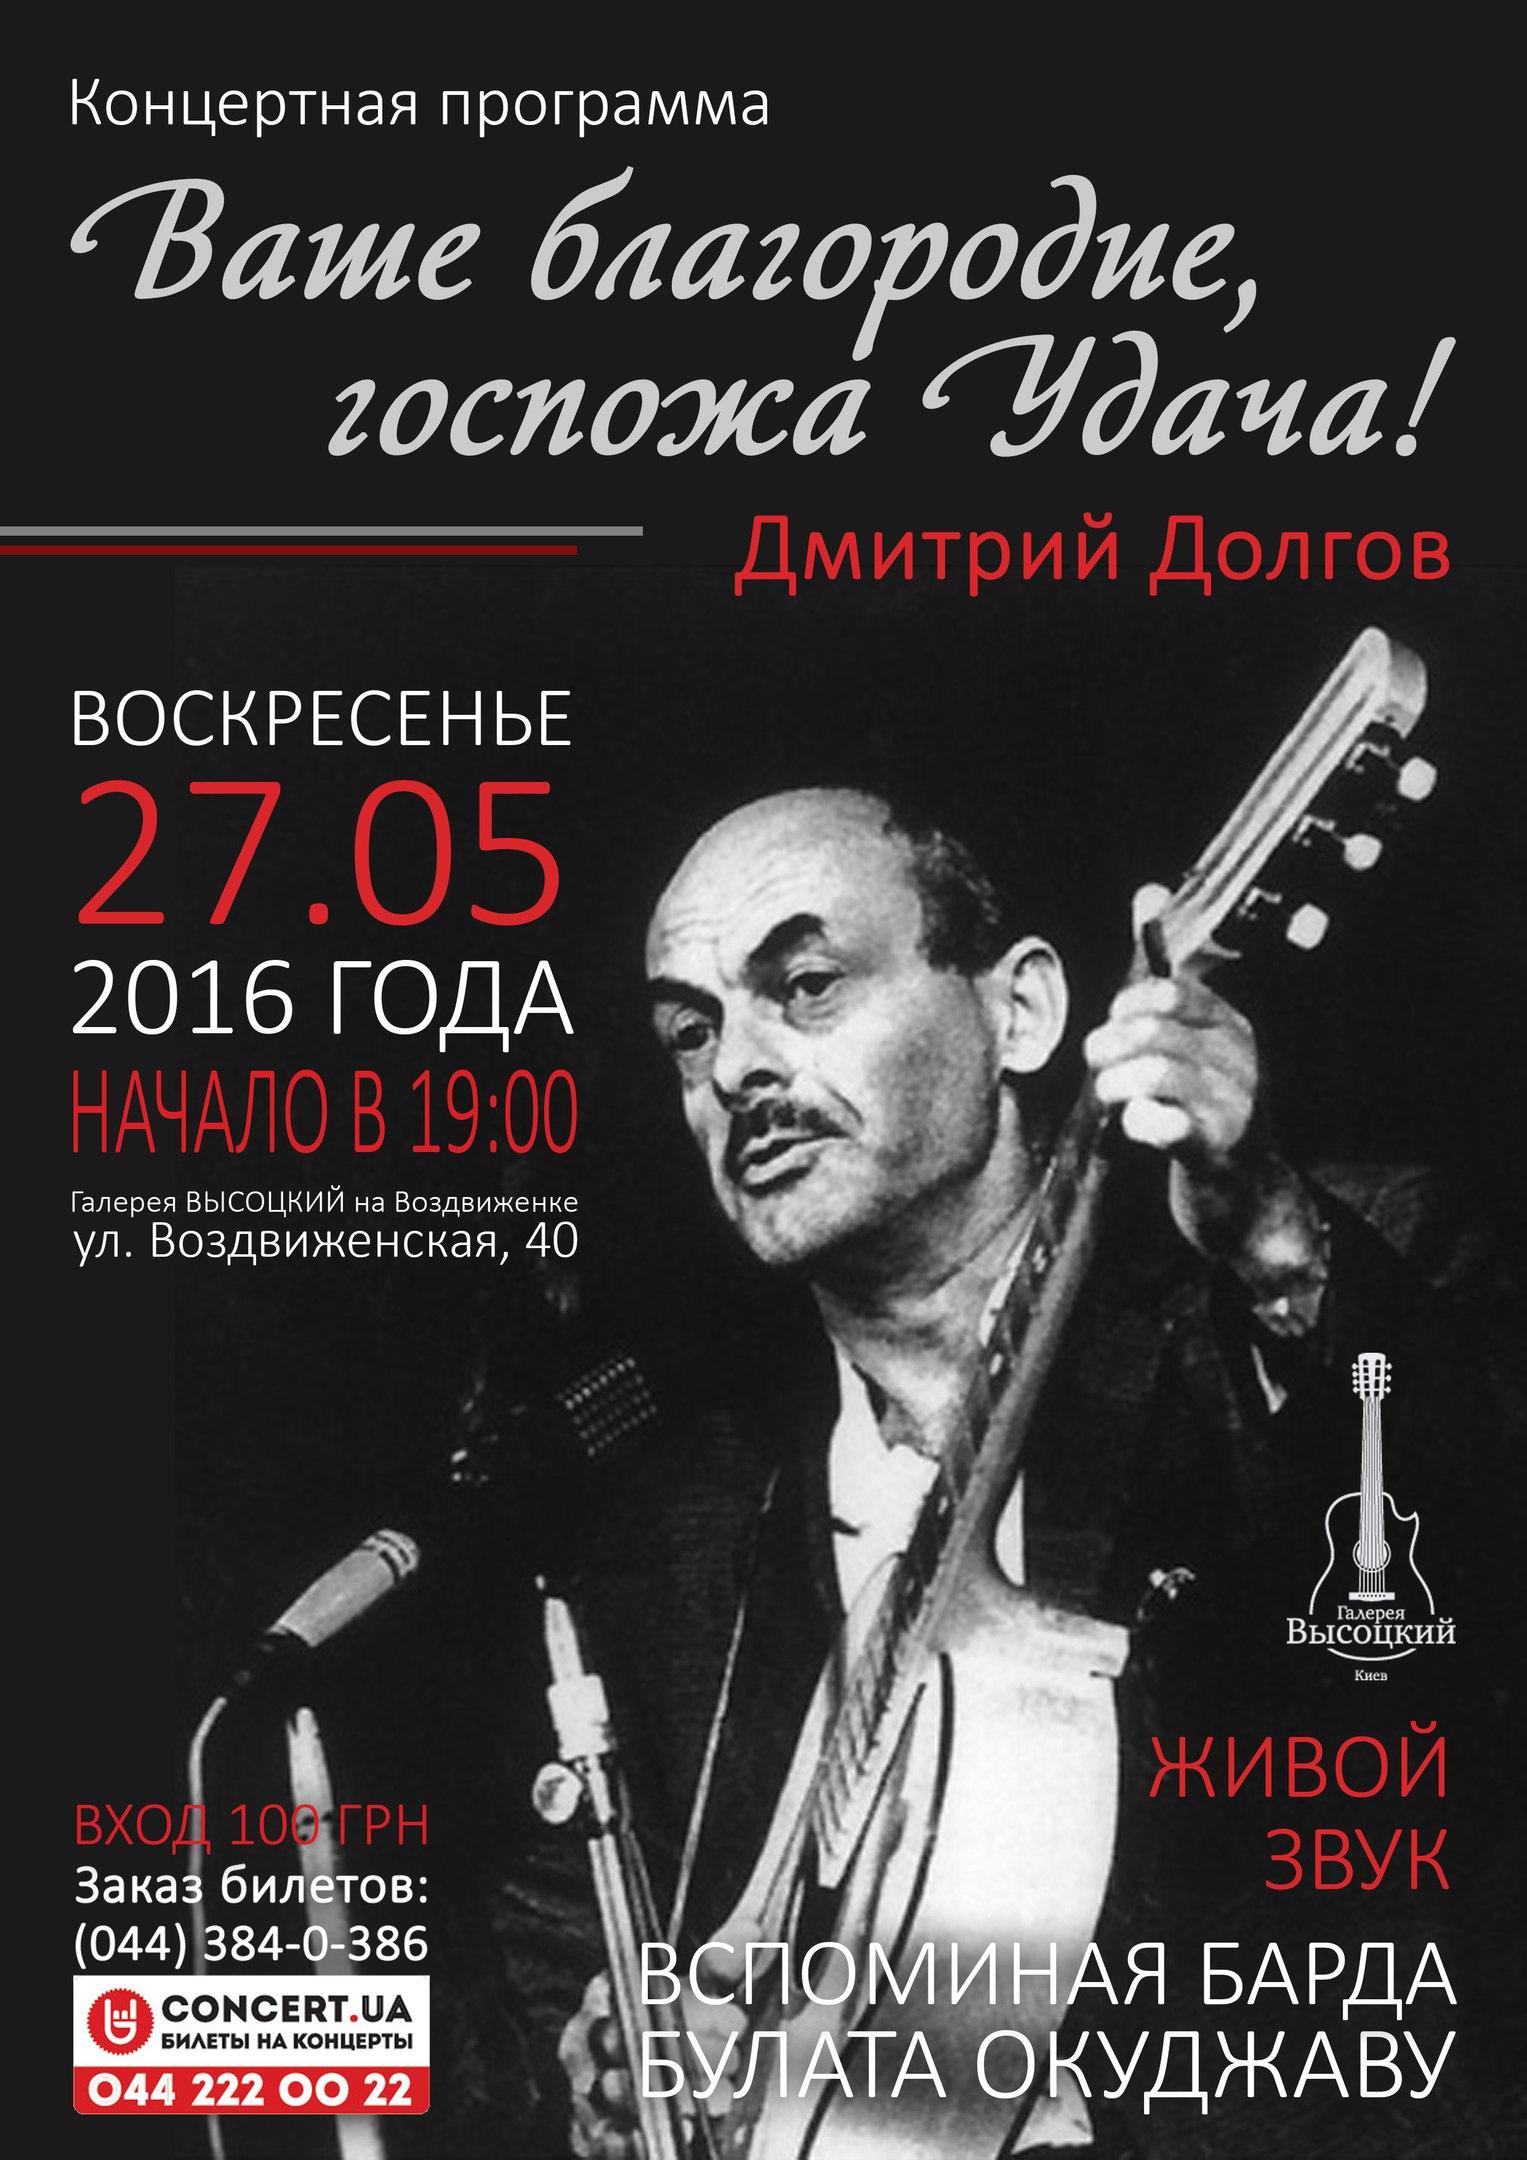 Концертная программа «Ваше благородие, госпожа Удача ...: http://vysotsky-gallery.org/?p=3248